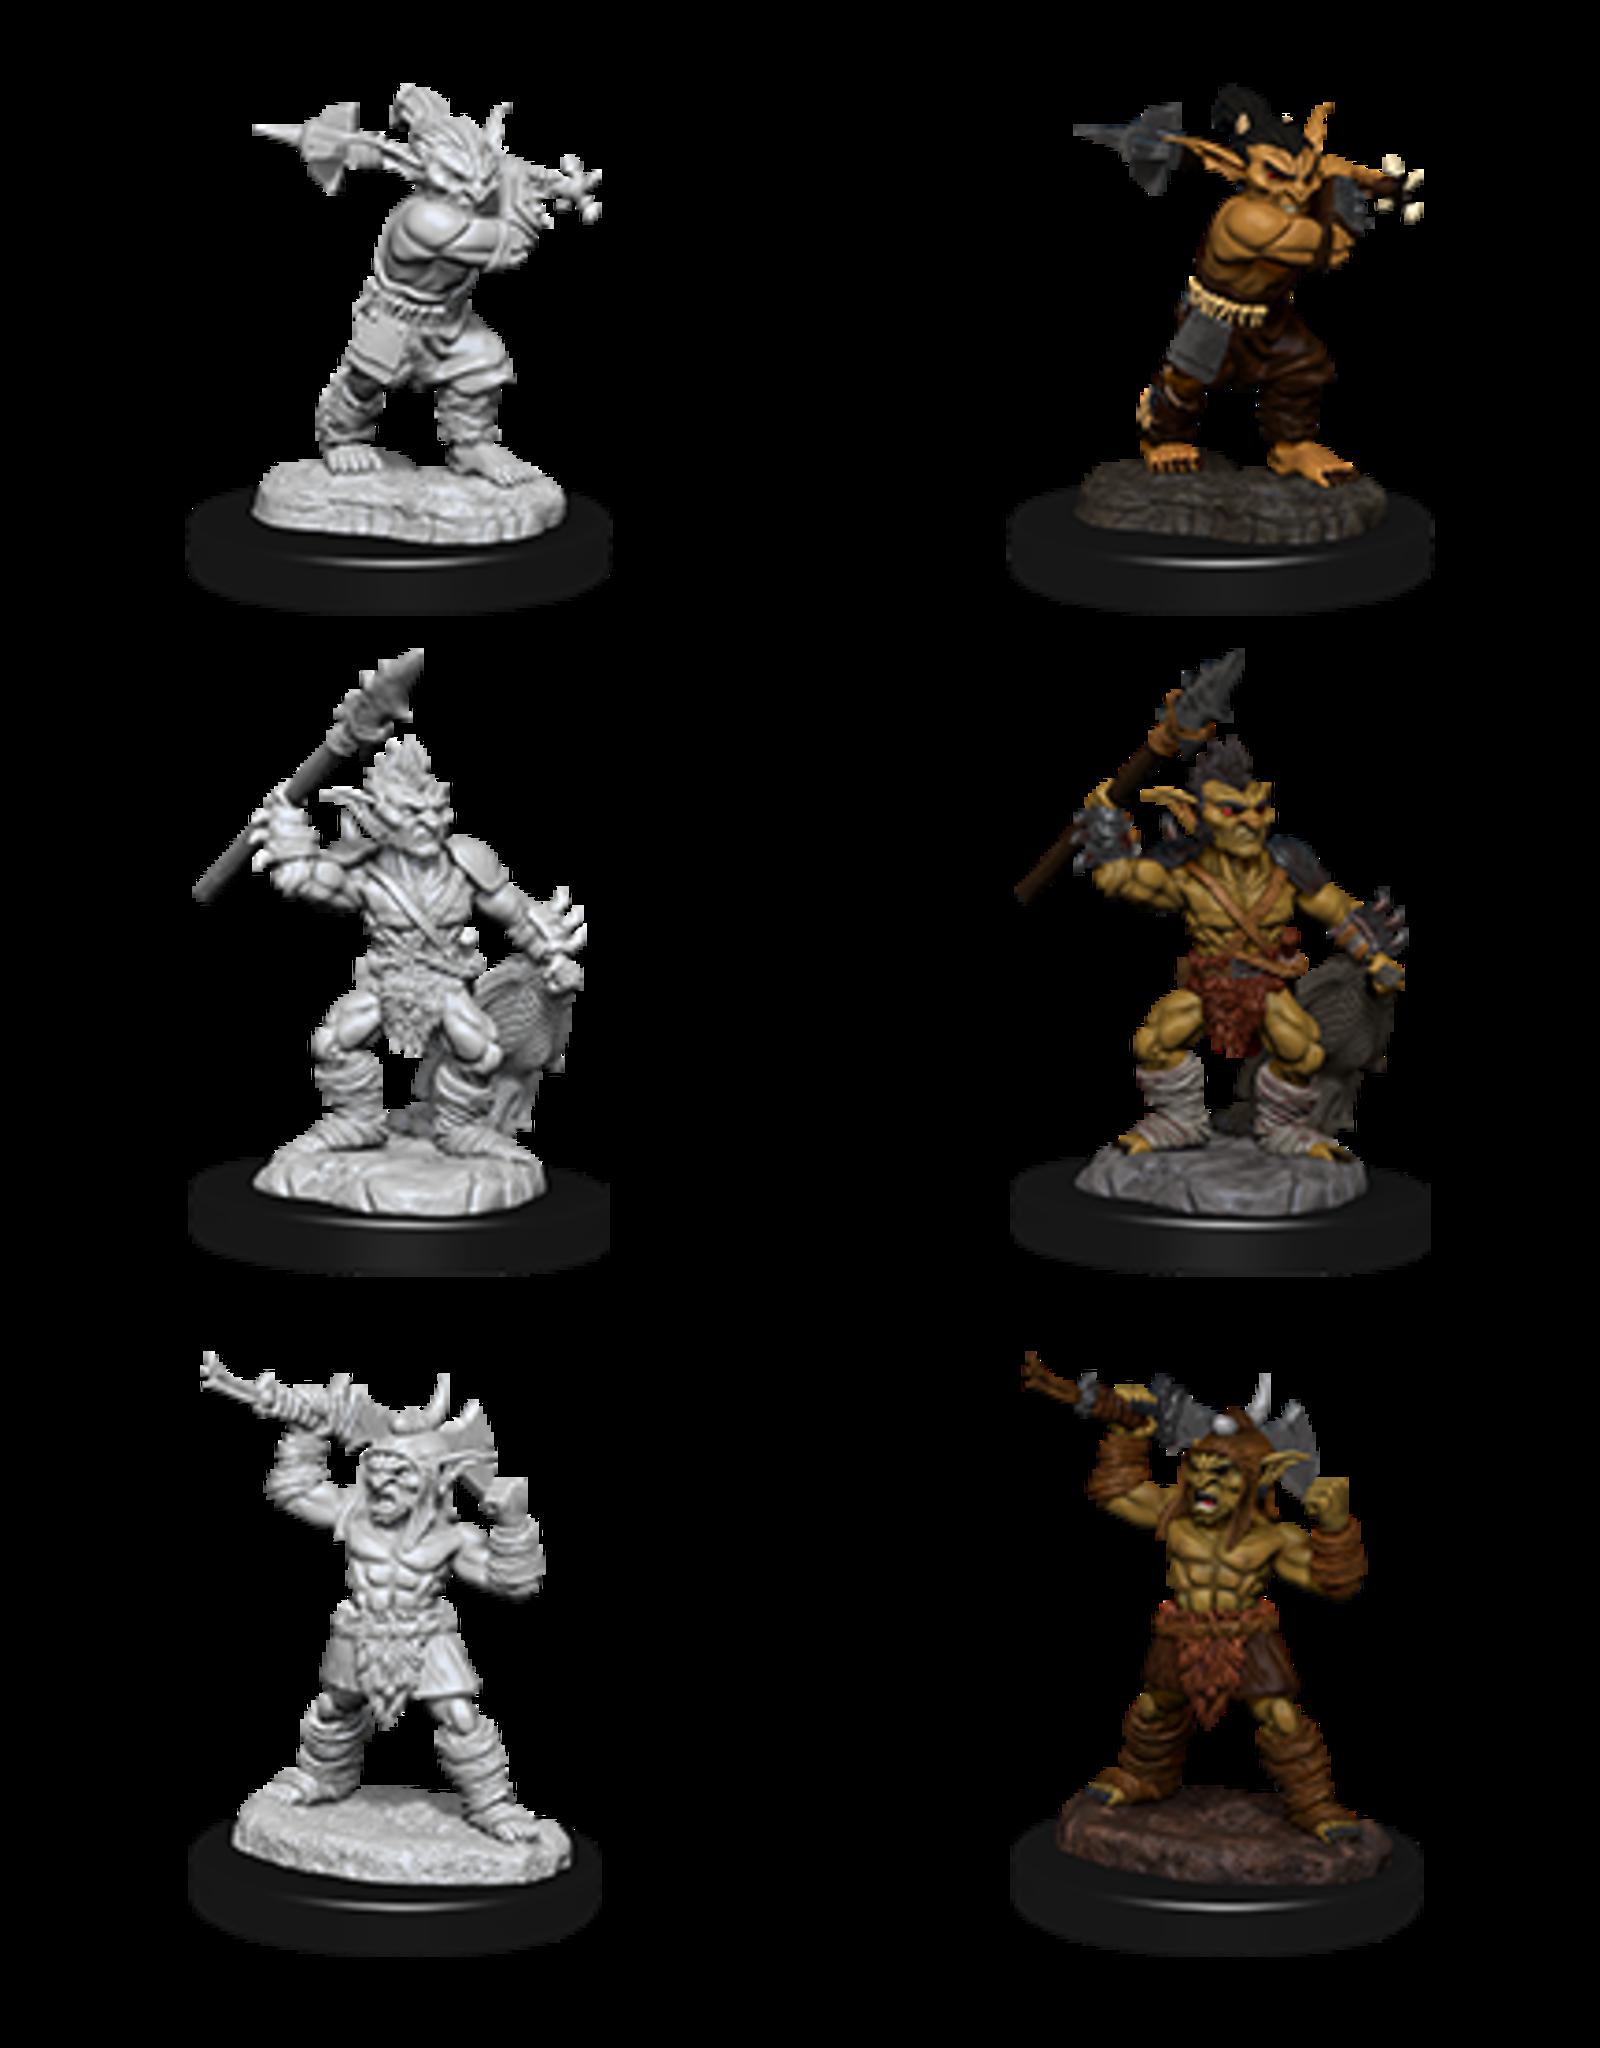 WizKids D&D Nolzur Goblins & Goblin Boss (W12)